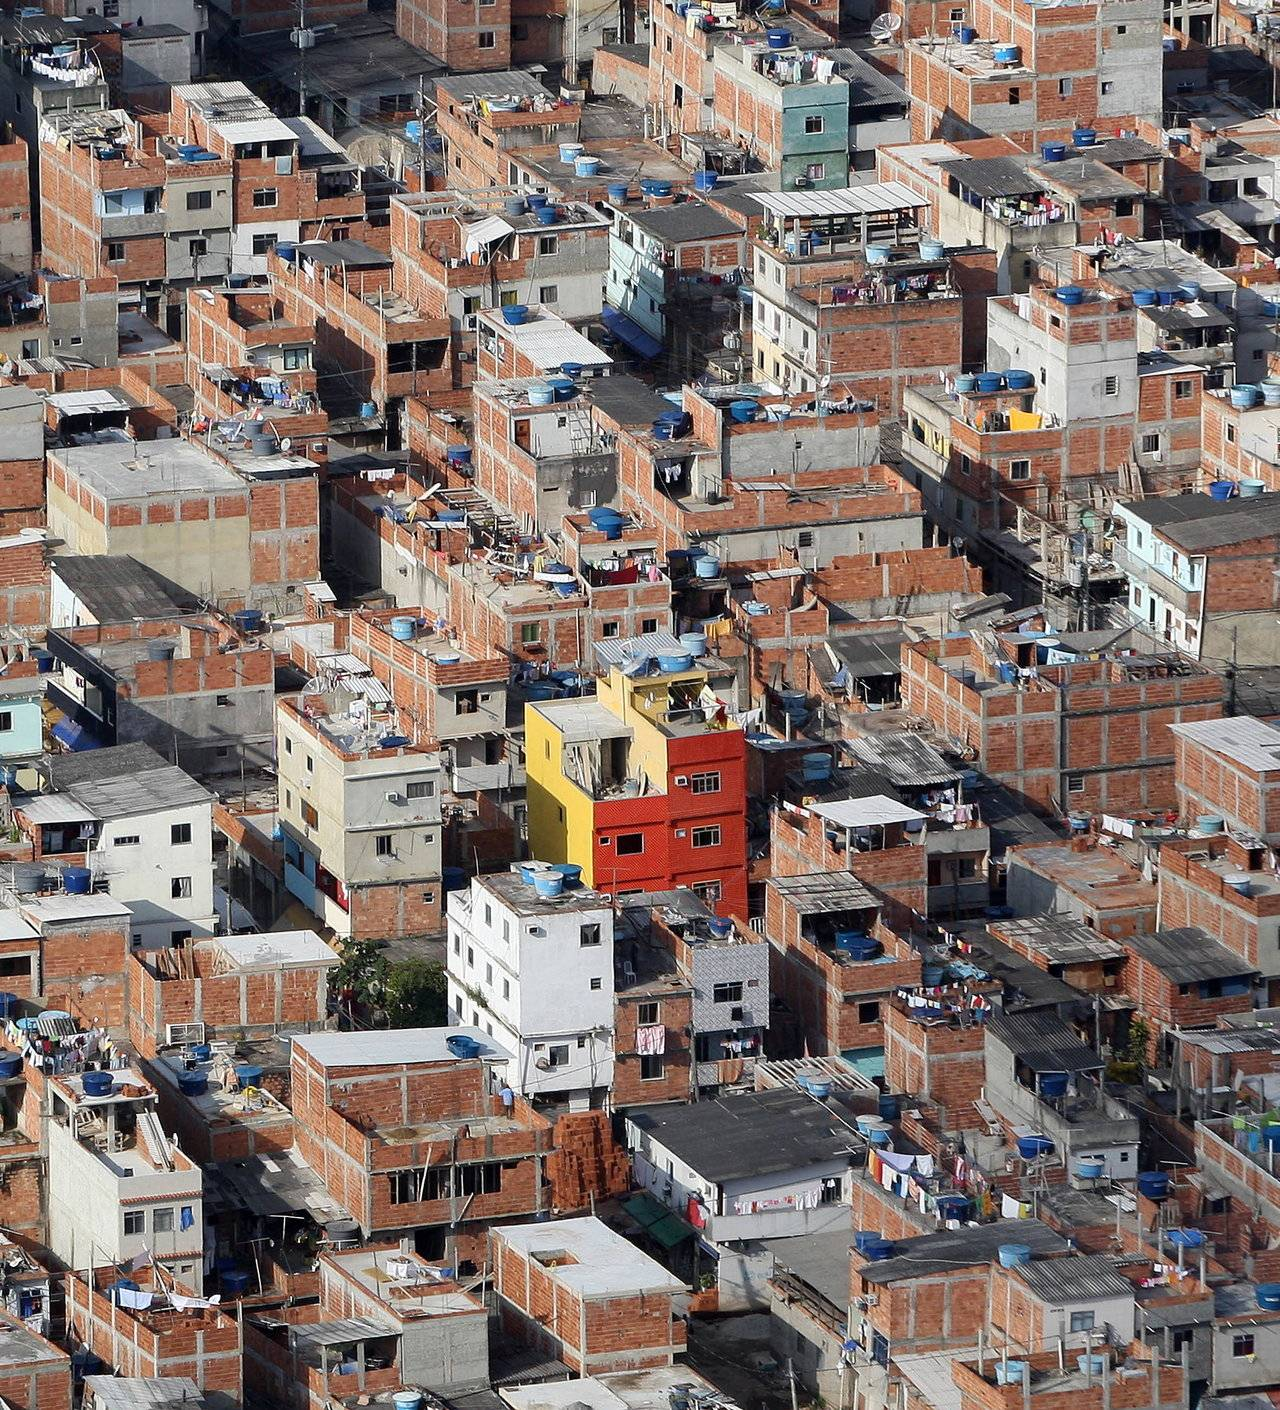 Vista aérea da favela de Rio das Pedras, no Rio de Janeiro